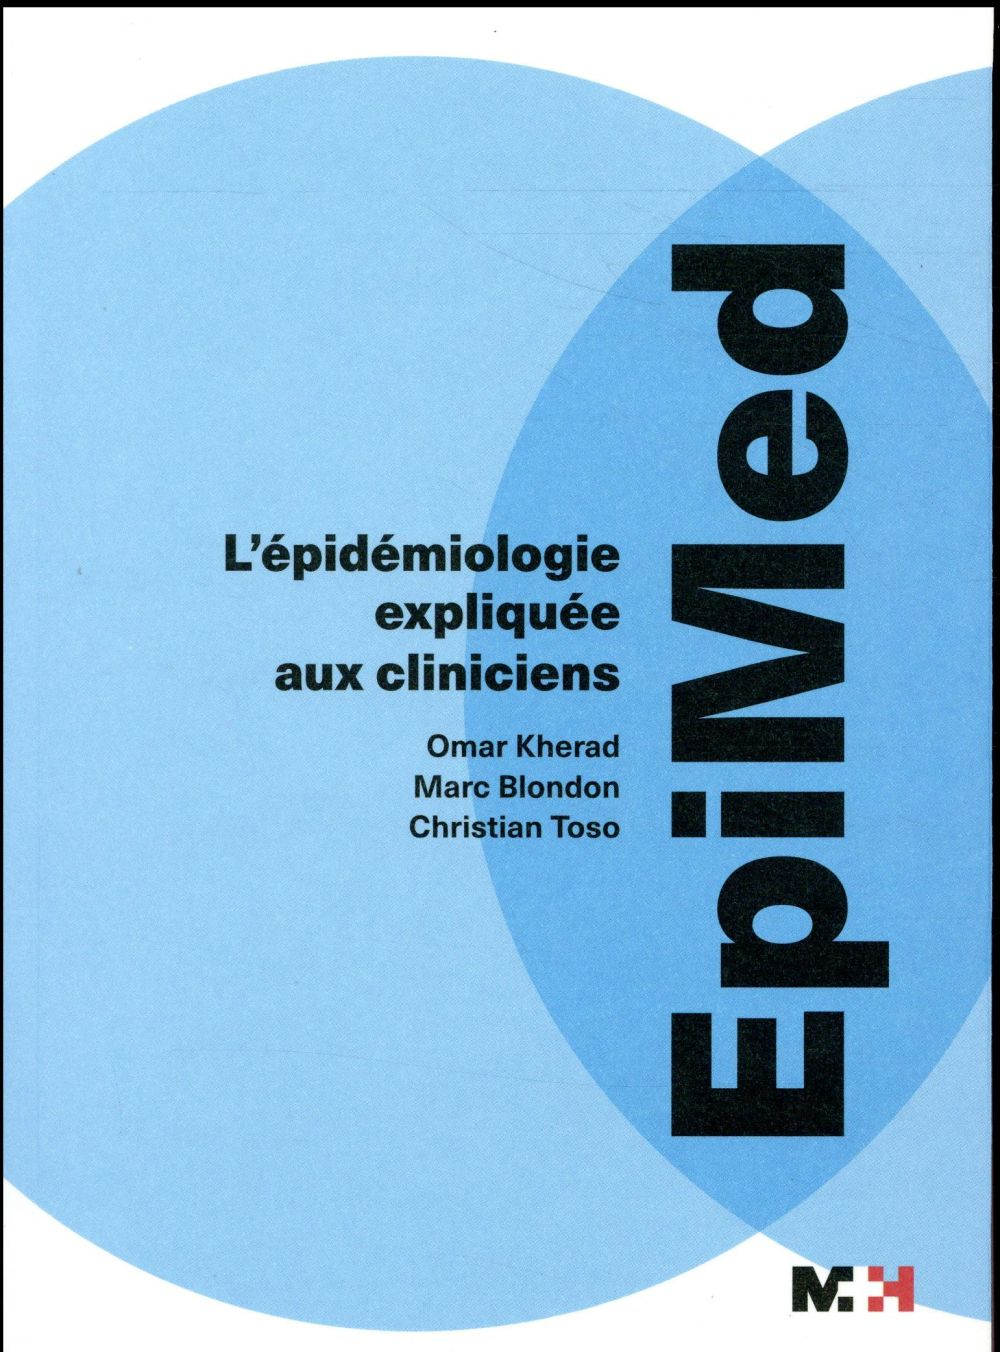 Epimed ; l'épidémiologie expliquée aux cliniciens